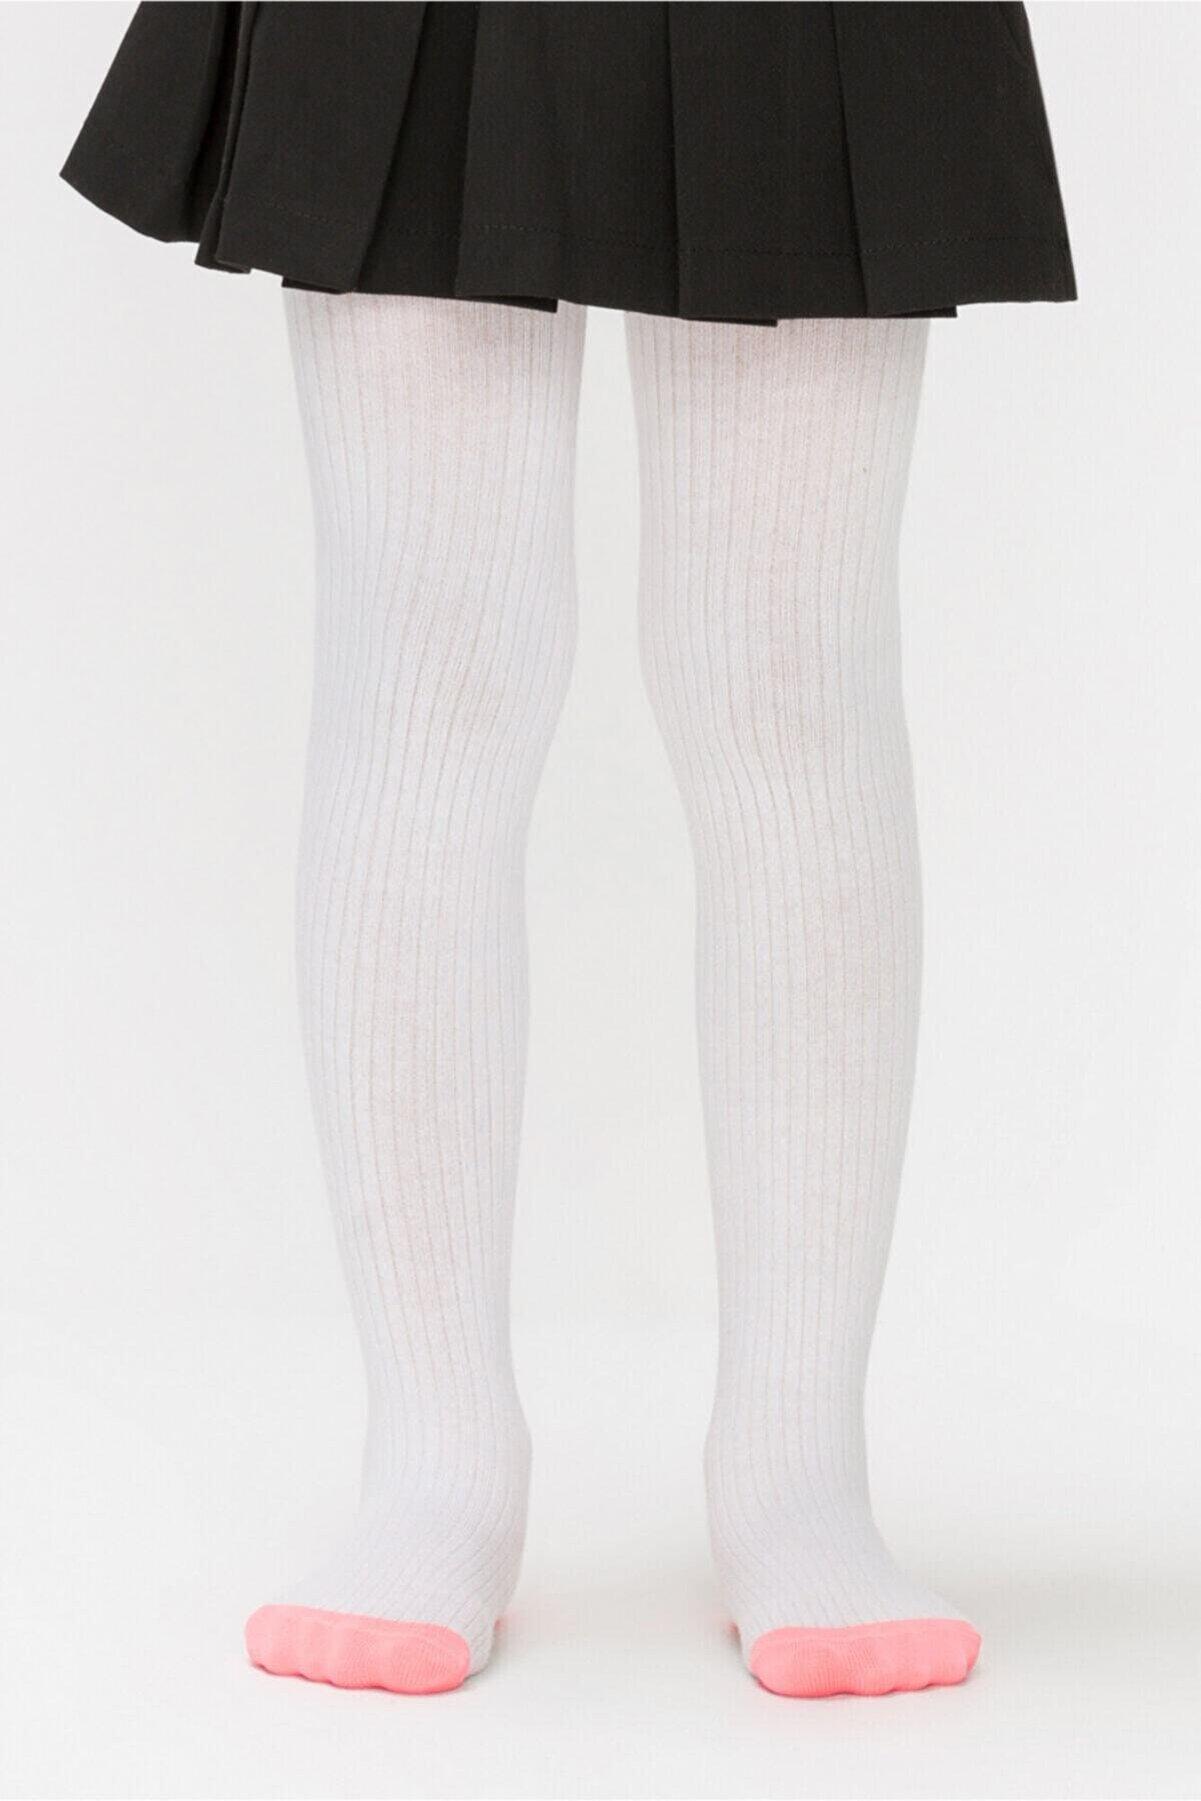 Penti Beyaz Renk Triko Külotlu Çorap